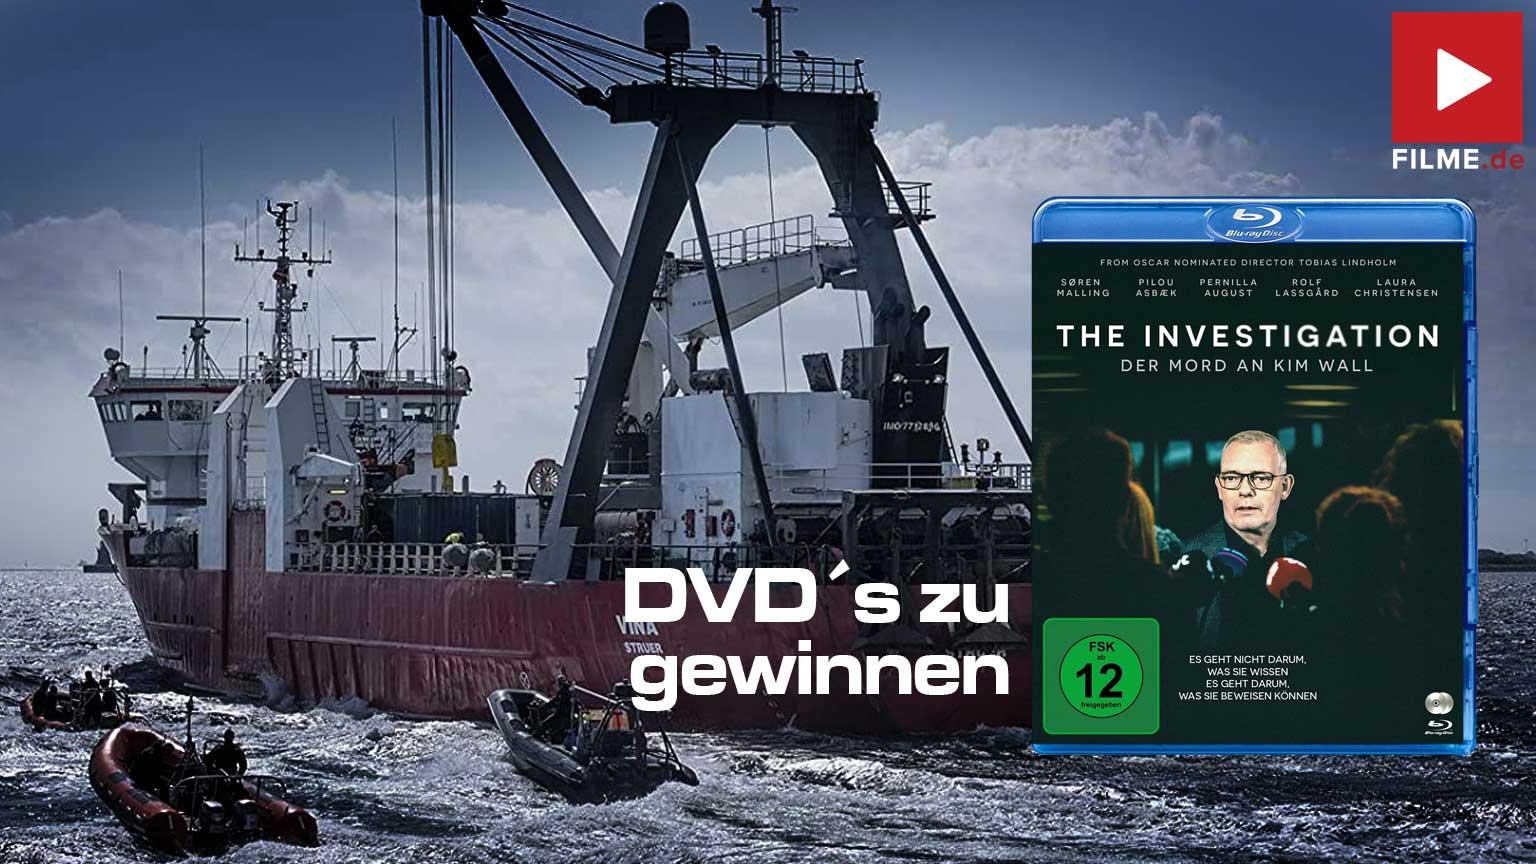 The Investigation – Der Mord an Kim Wall Film Serie 2021 DVD Blu-ray Gewinnspiel gewinnen Artikelbild